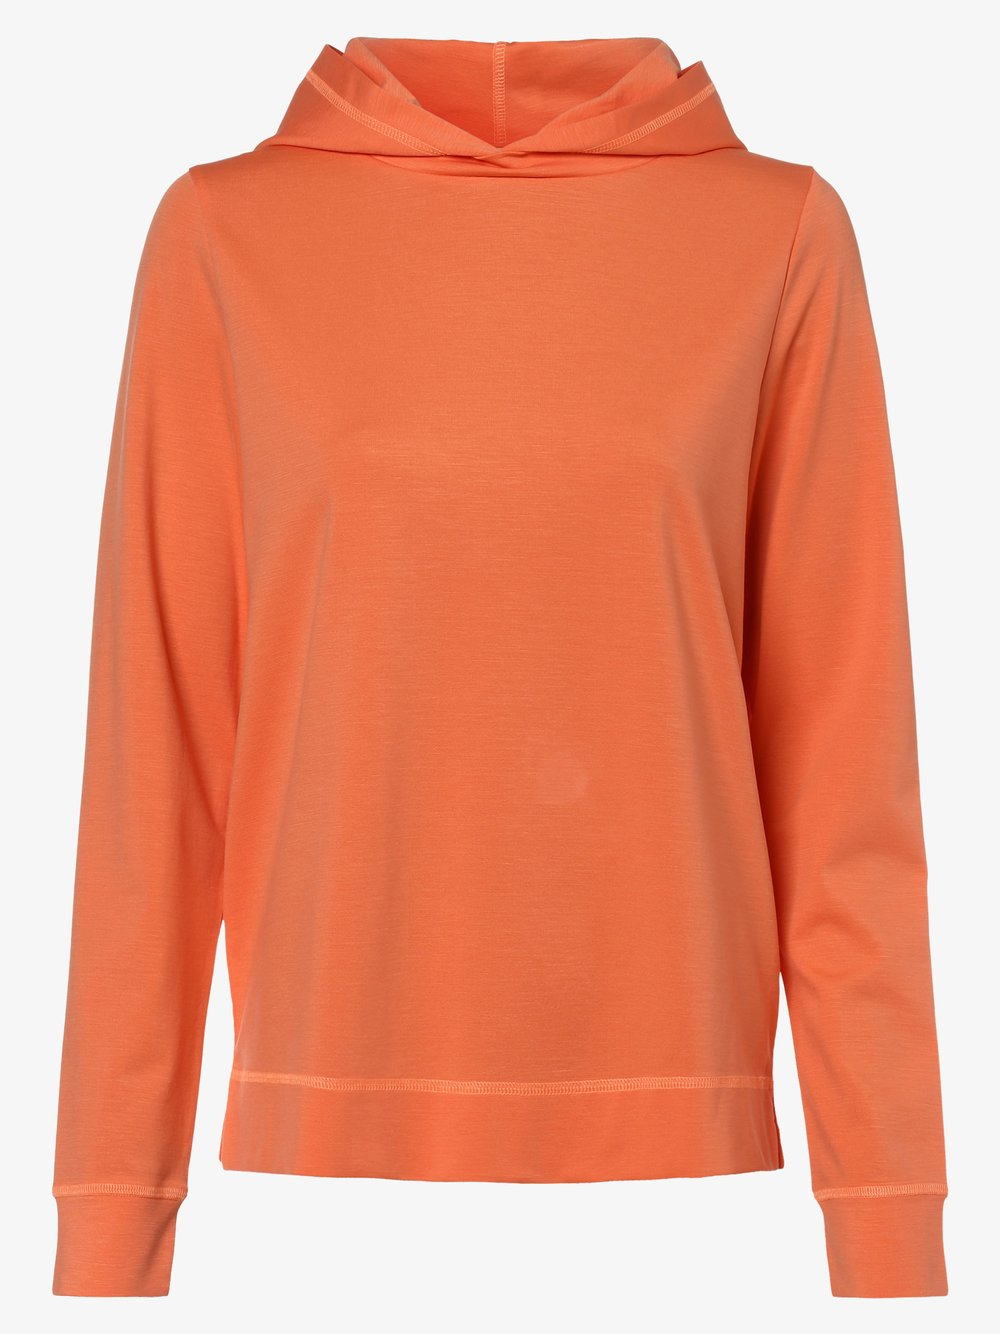 Drykorn - Damska bluza nierozpinana – Papilia, pomarańczowy